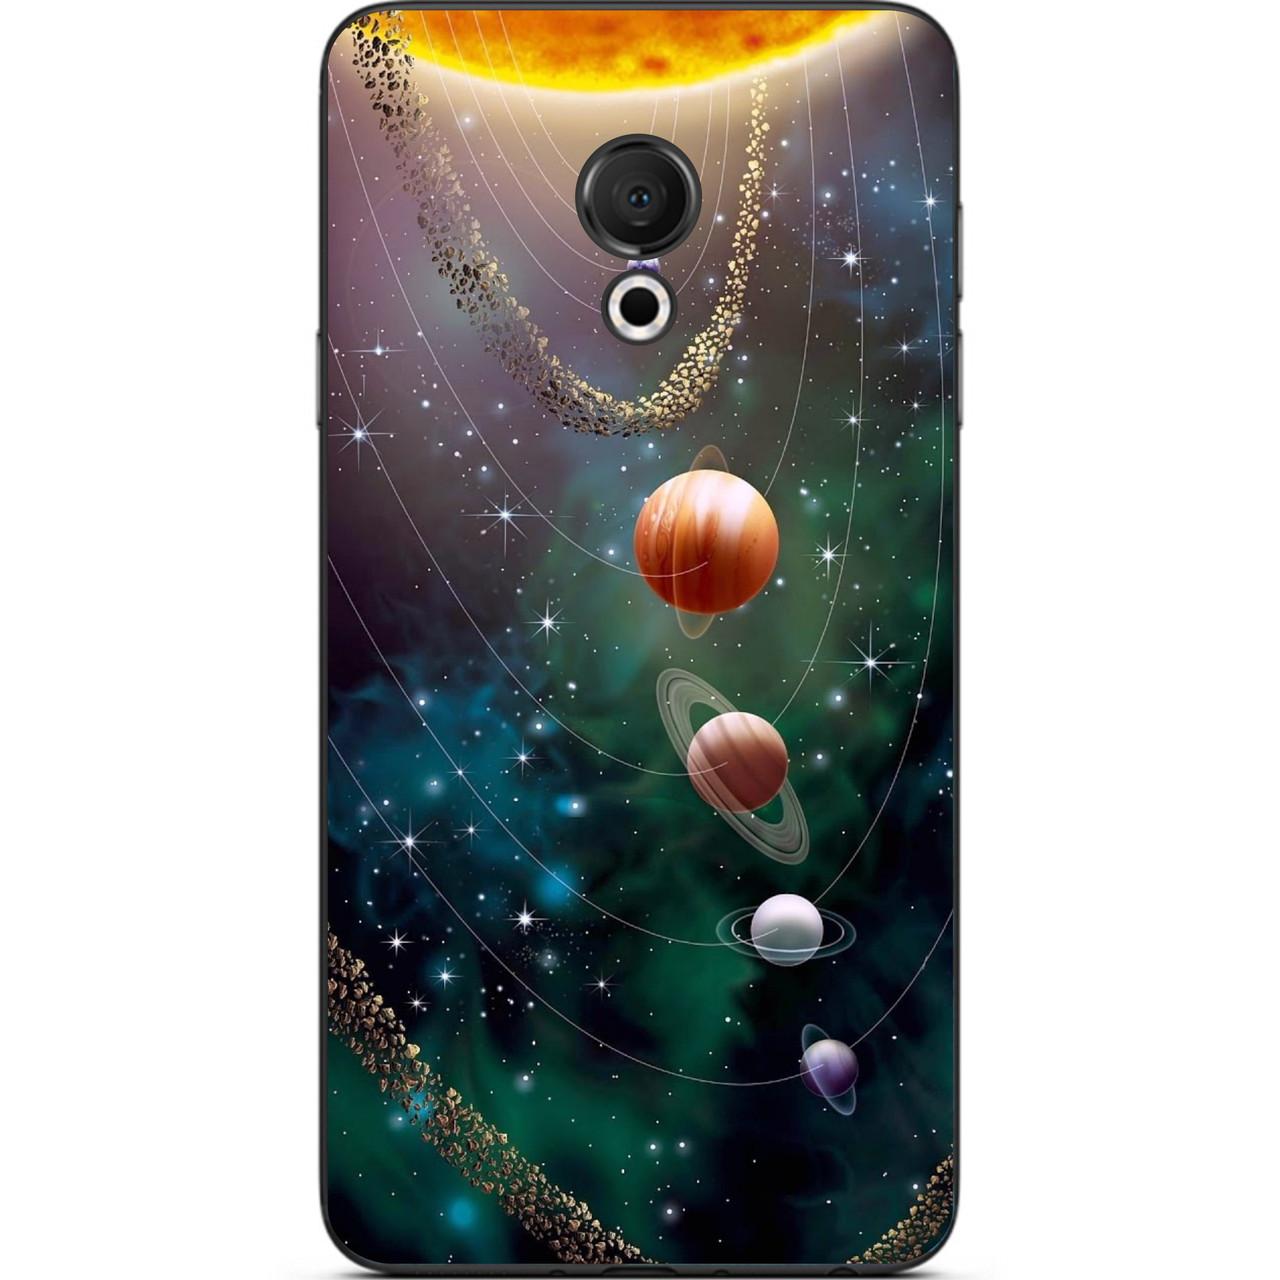 Силіконовий чохол для Meizu 15 Lite з картинкою Планети